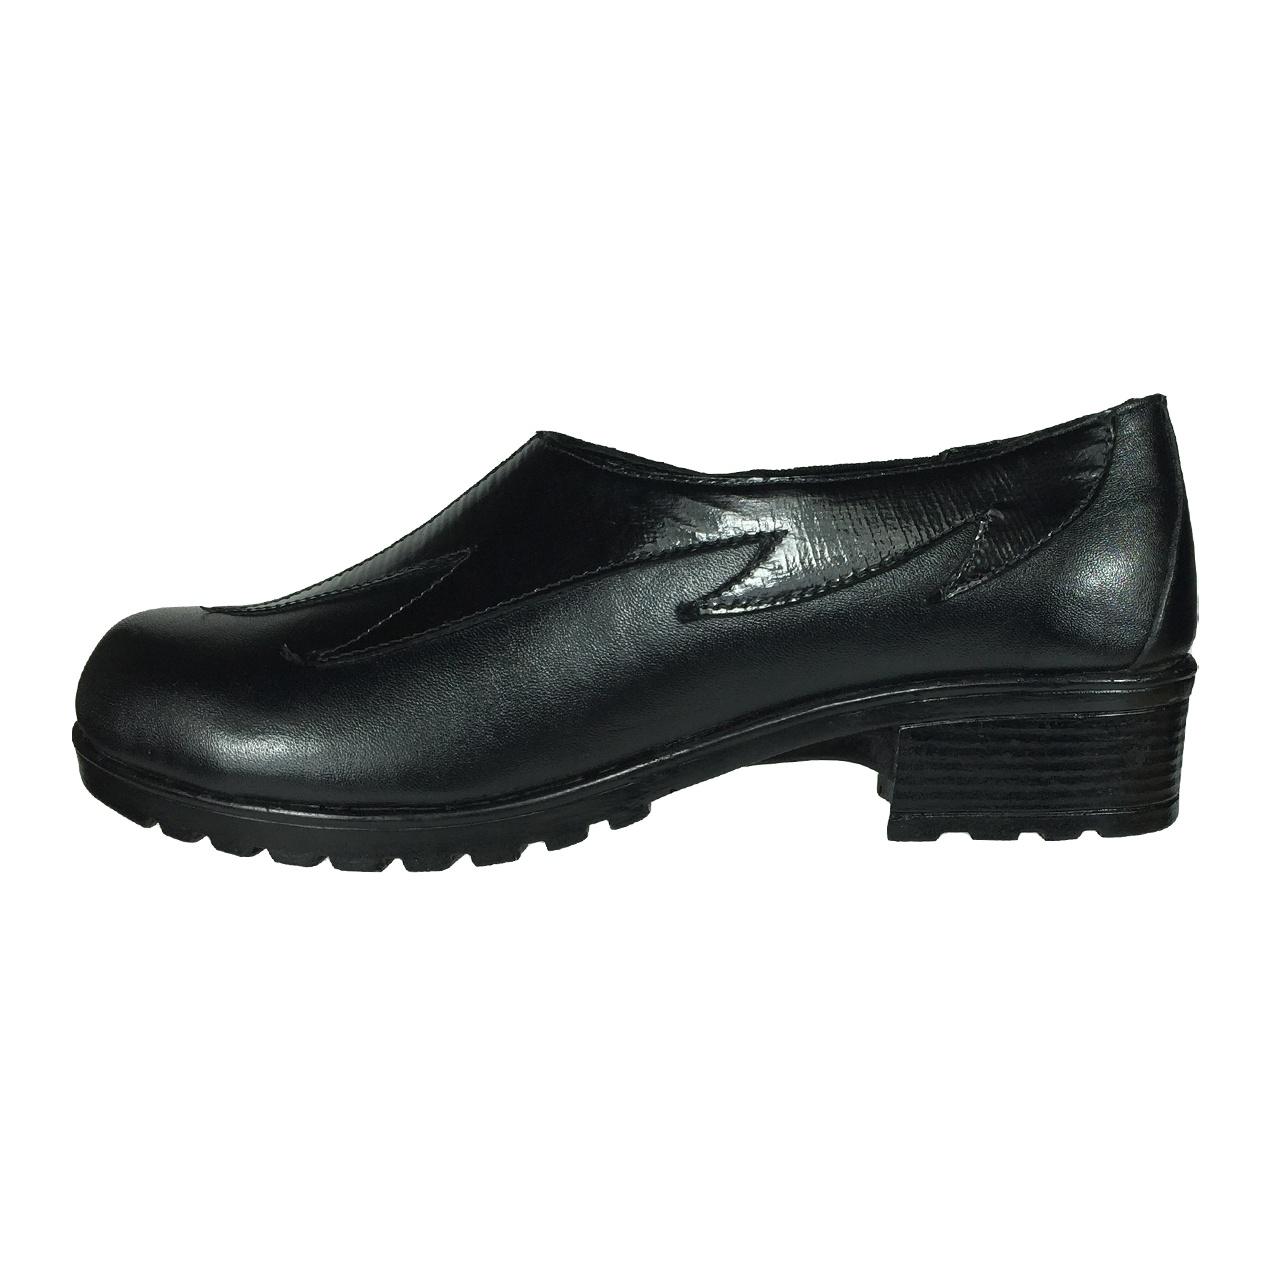 تصویر کفش زنانه پاریس جامه مدل B52 رنگ مشکی